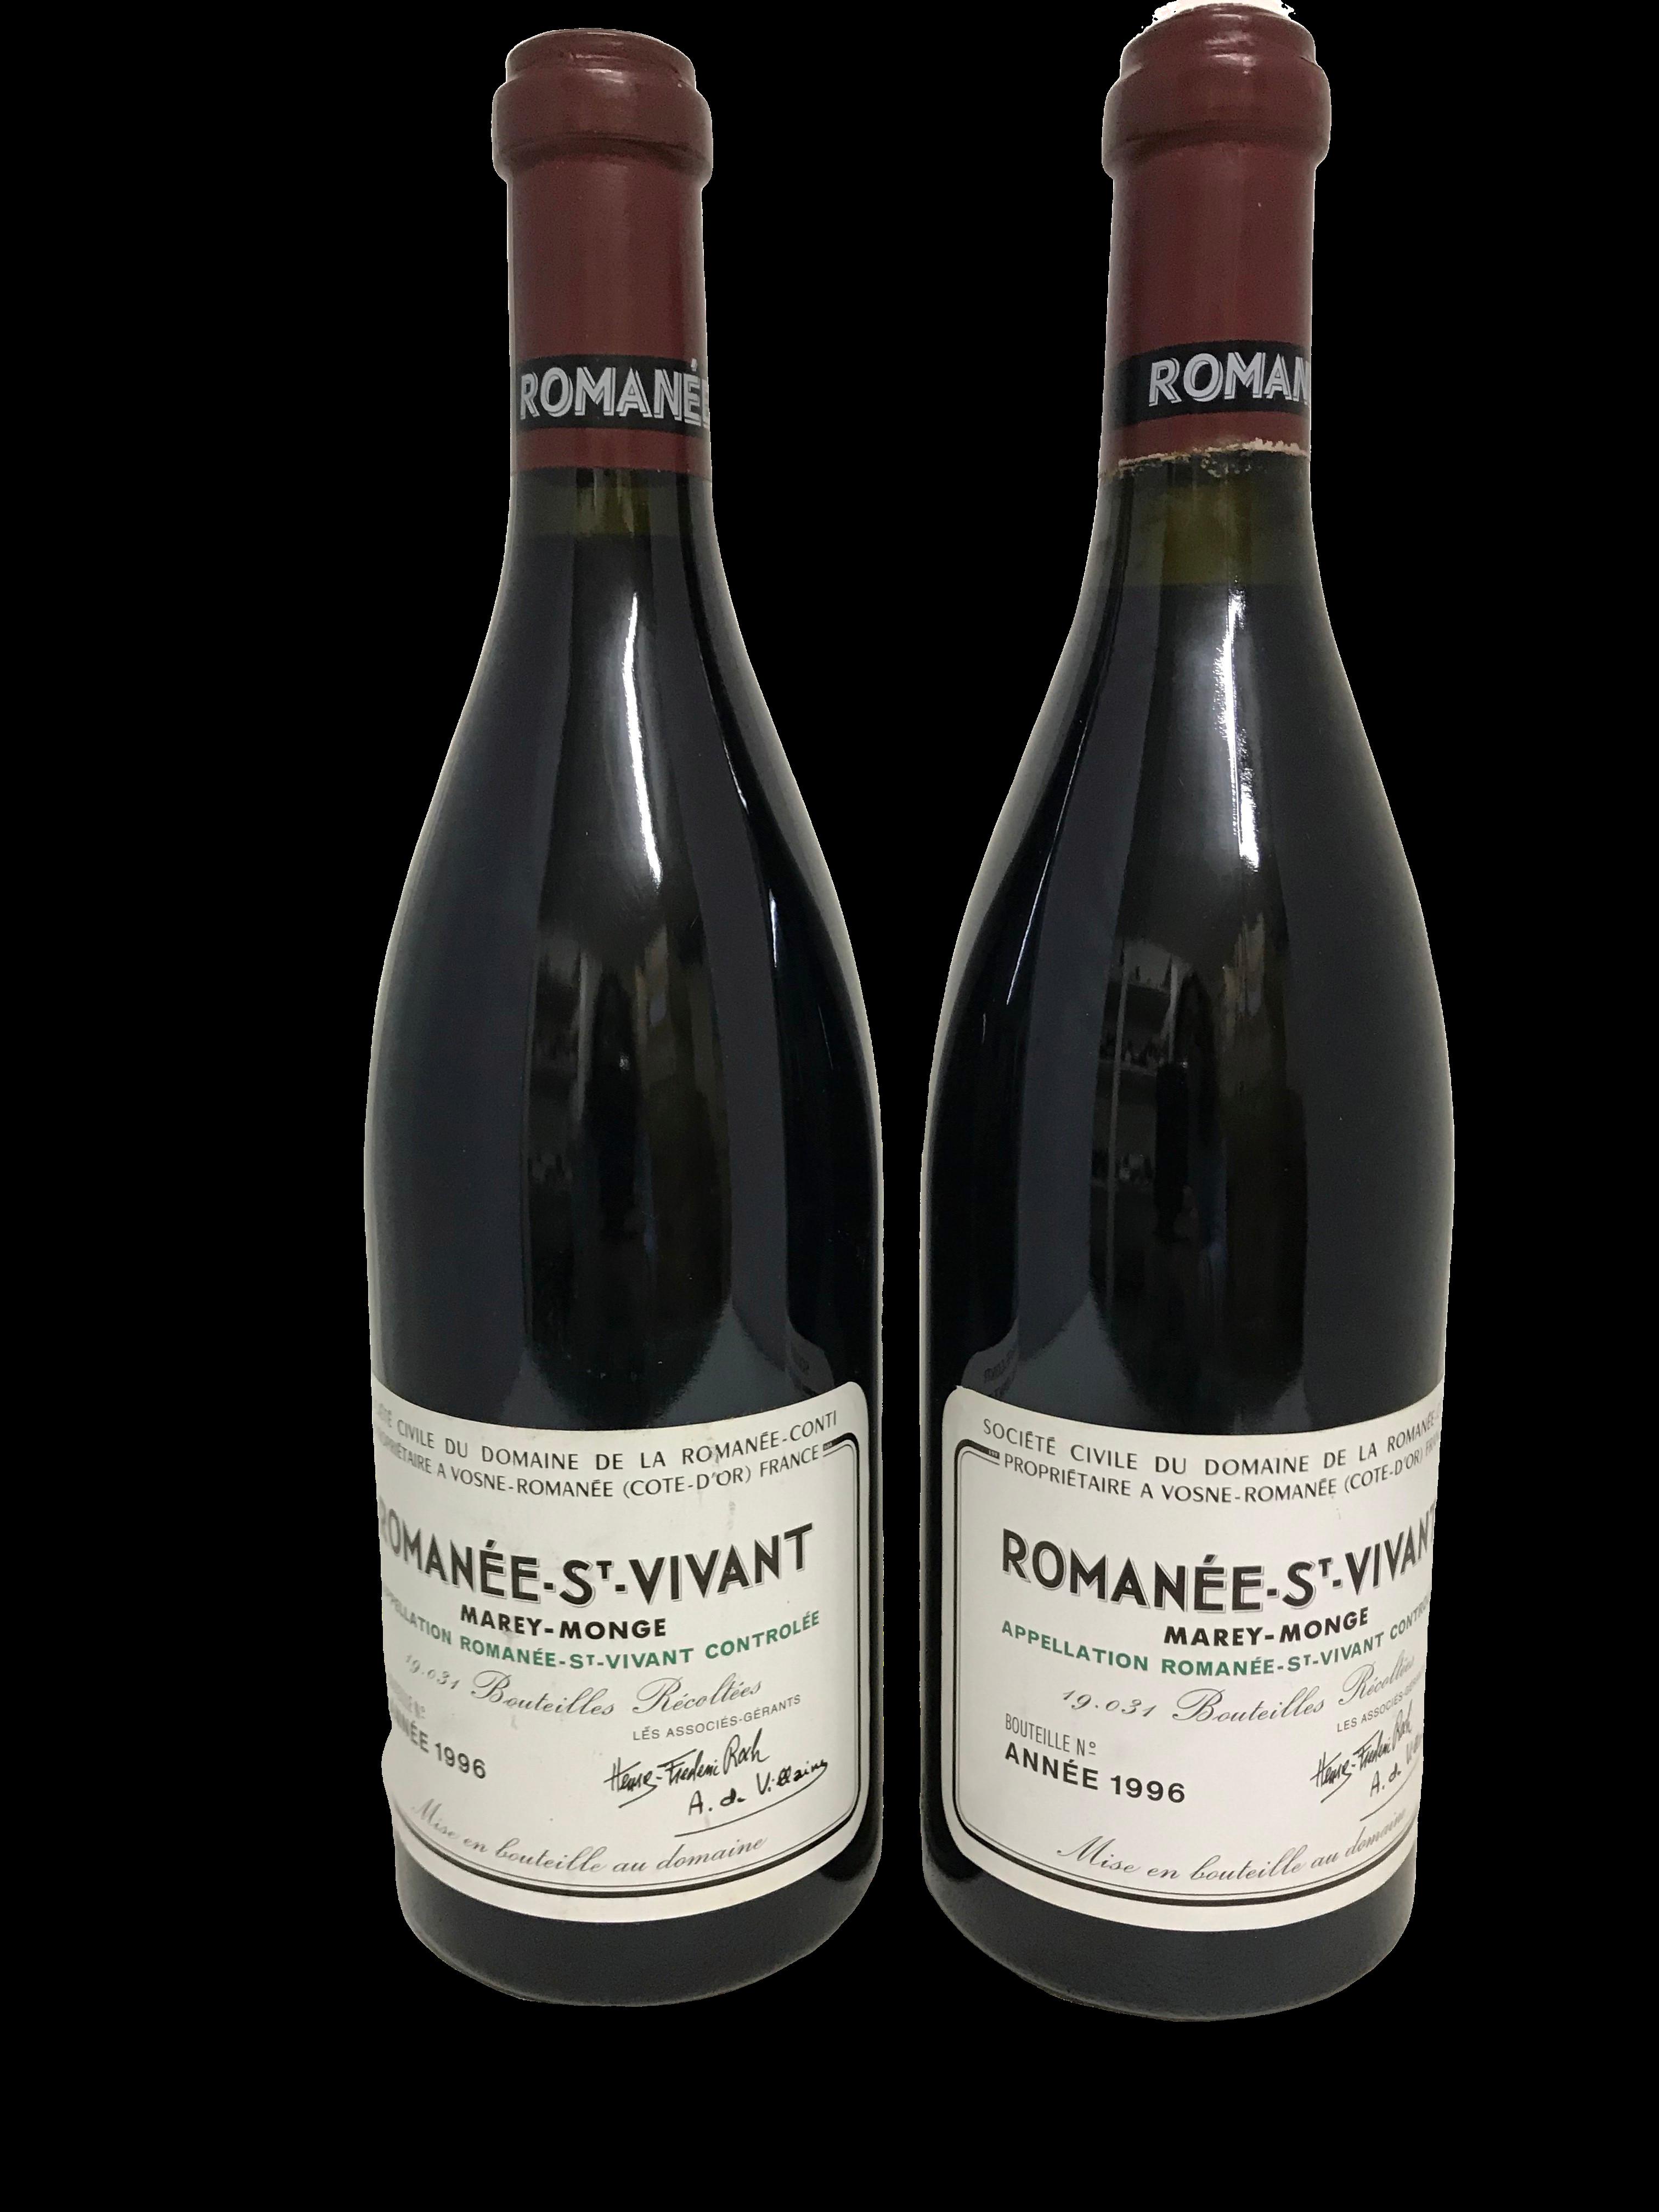 Domaine de la Romanée-Conti (DRC) – Romanée-Saint-Vivant 1996